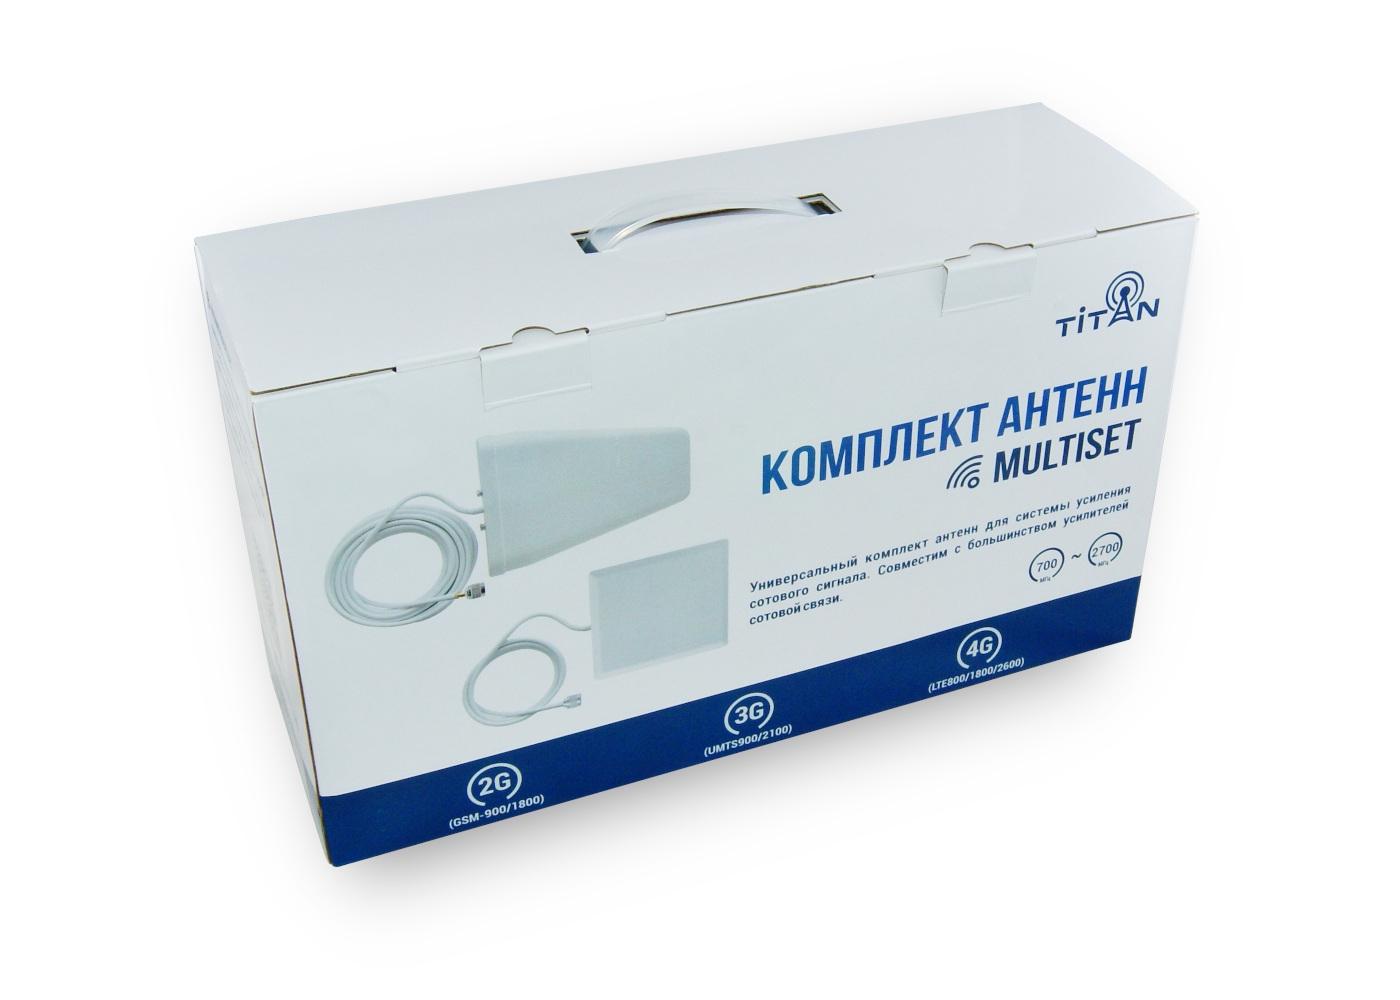 Упаковка для комплекта антенн Titan MultiSet